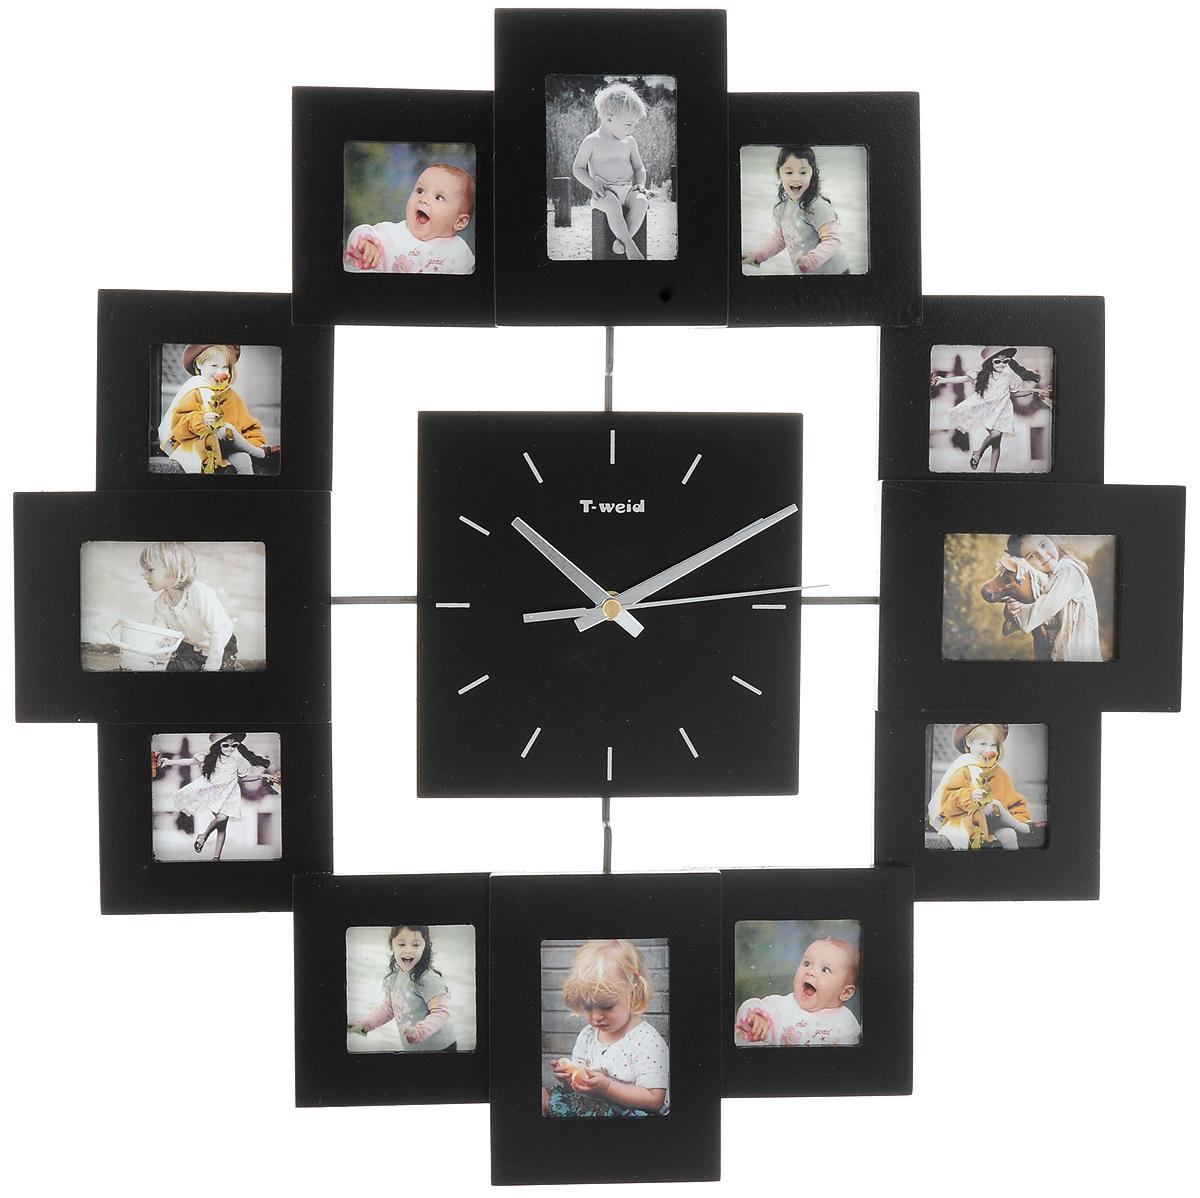 Часы настенные HomeMaster, с 12 фоторамками, цвет: черныйМ9013АBlackНастенные часы HomeMaster кварцевые с фоторамками - это прекрасный предмет декора, а также универсальный подарок практически по любому поводу. Корпус часов, выполнен из дерева с черным матовым покрытием и оформлен двенадцатью фоторамками. Циферблат часов оснащен тремя фигурными стрелками: часовой, минутной и секундной. На задней стенке часов расположена металлическая петелька для подвешивания и блок с часовым механизмом. Часы с фоторамками прекрасно впишутся в любой интерьер. В зависимости оттого, что вы поместите в рамки, будет меняться и стиль часов. Тип механизма: плавающий, бесшумный. Рекомендуется докупить батарейку типа АА (не входит в комплект). Размер изделия: 45 х 45 х 5 см. Размер фоторамок: для 4 фото - 6 х 8 см и для 8 фото - 6 х 6 см.